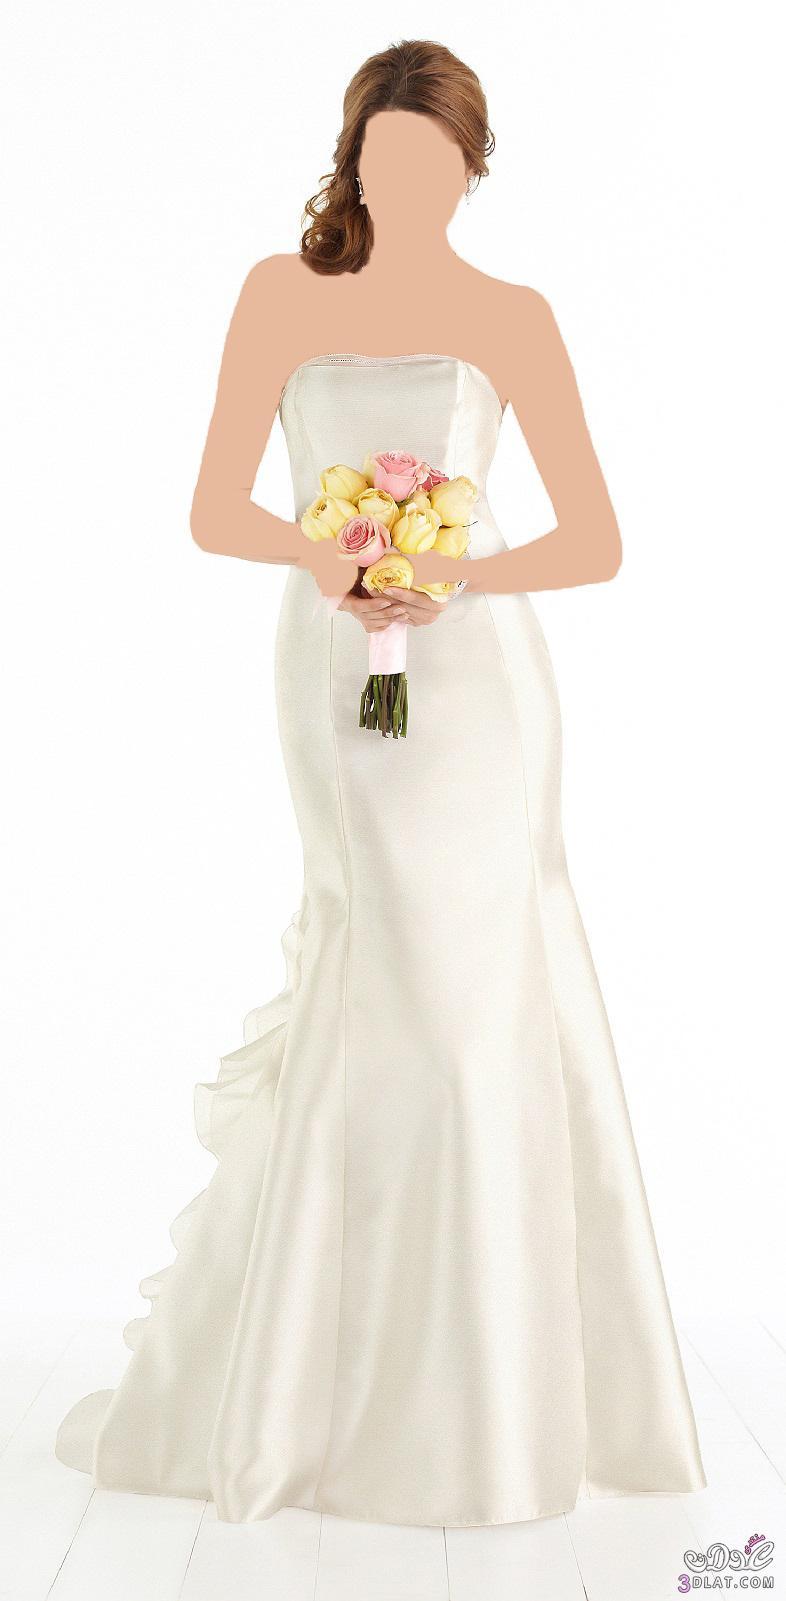 الرقة و الاناقة في فستان الزفاف